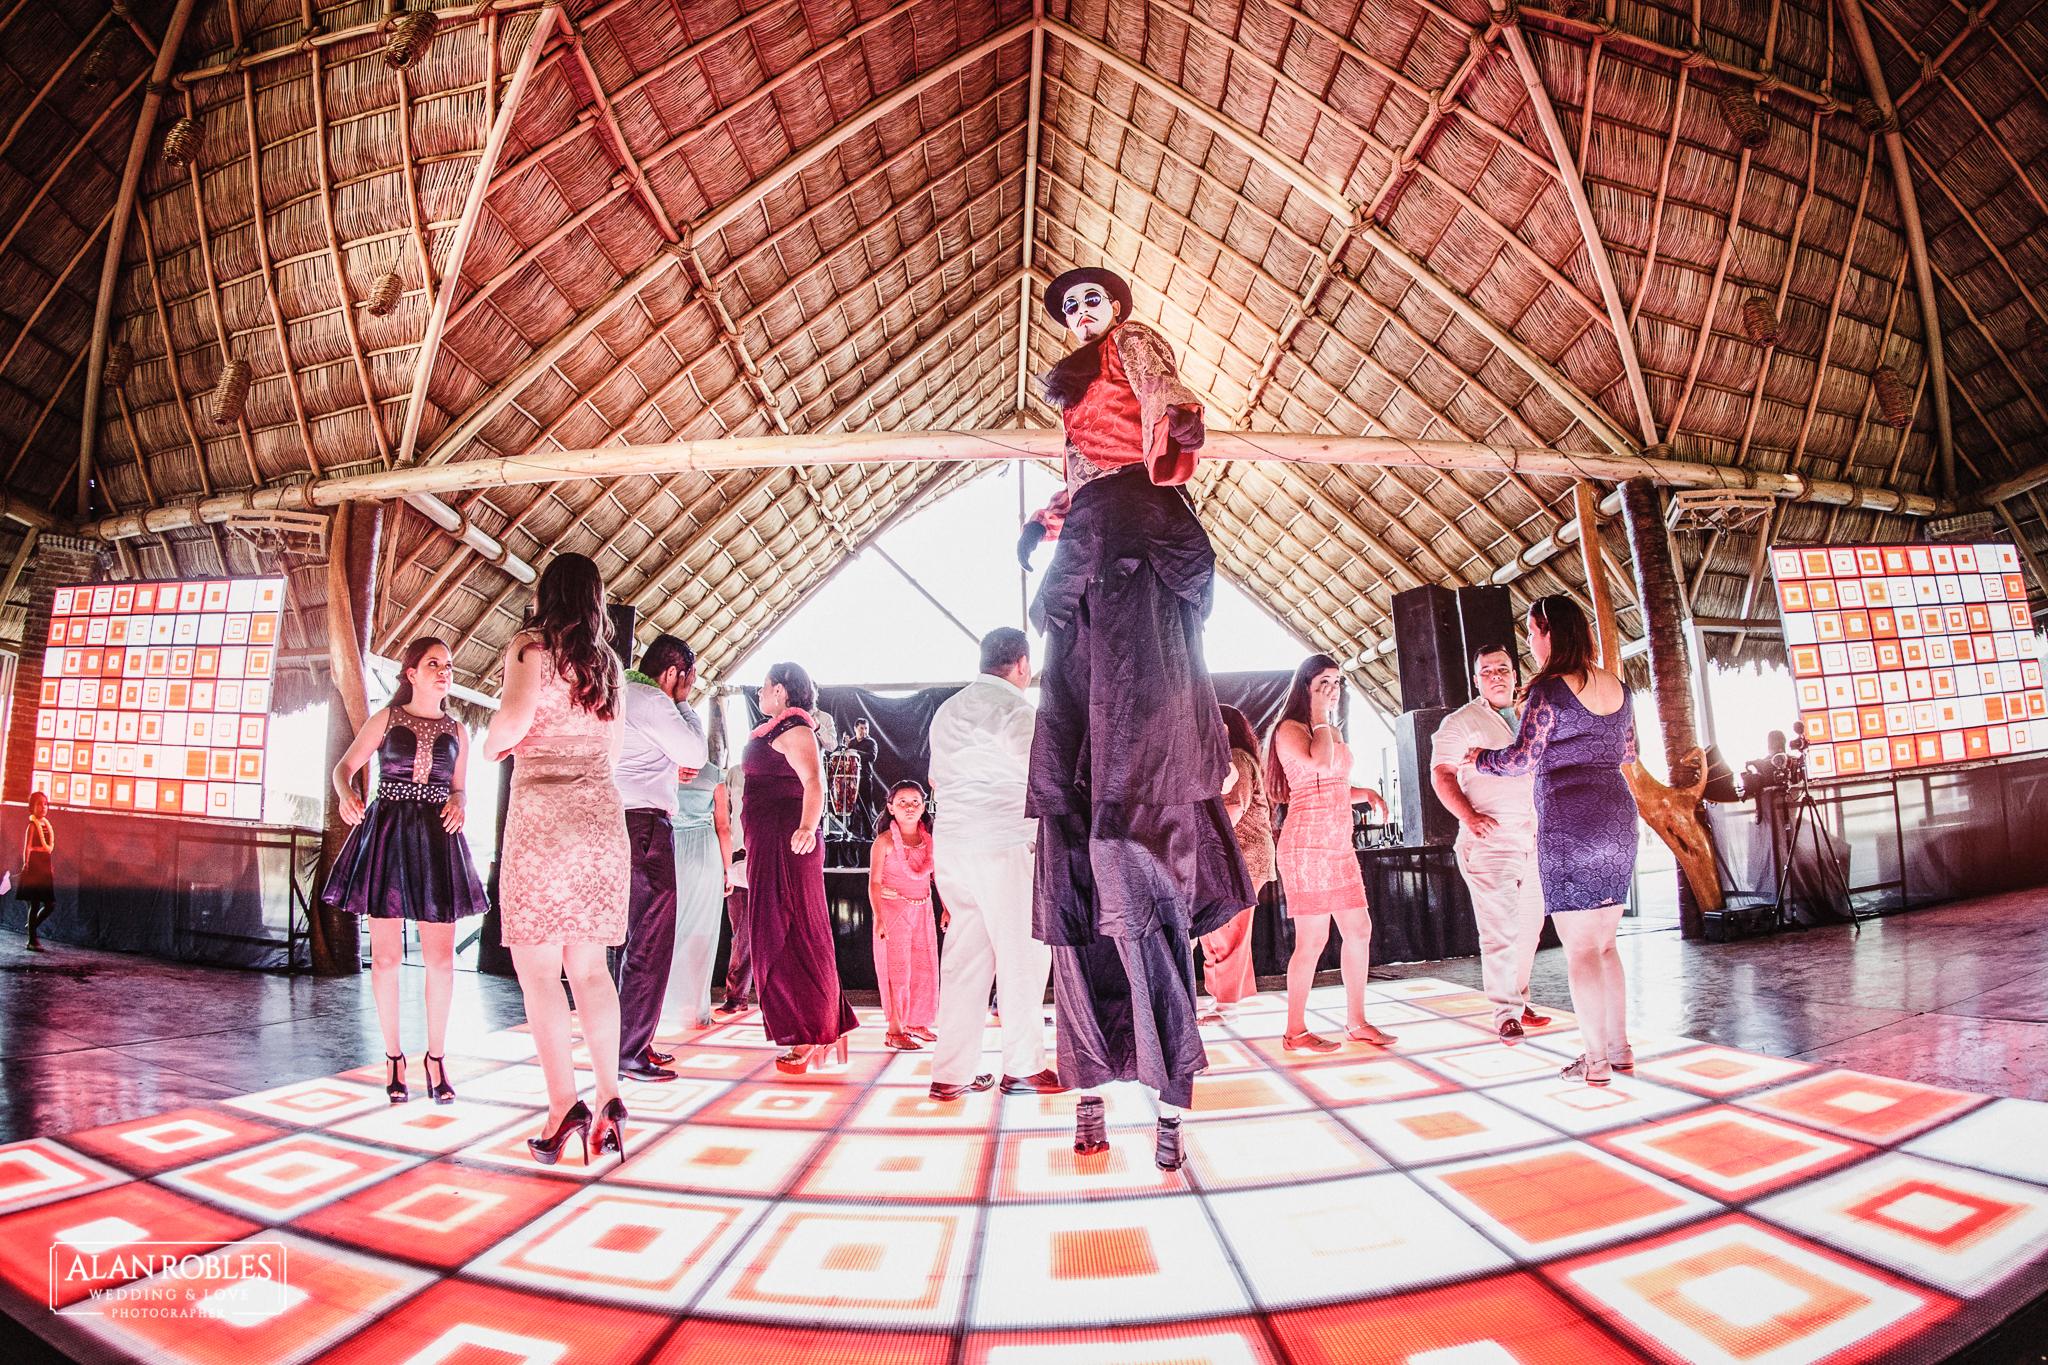 Fiesta de boda en Hacienda Los Pozos. Fotografo de Bodas Alan Robles.